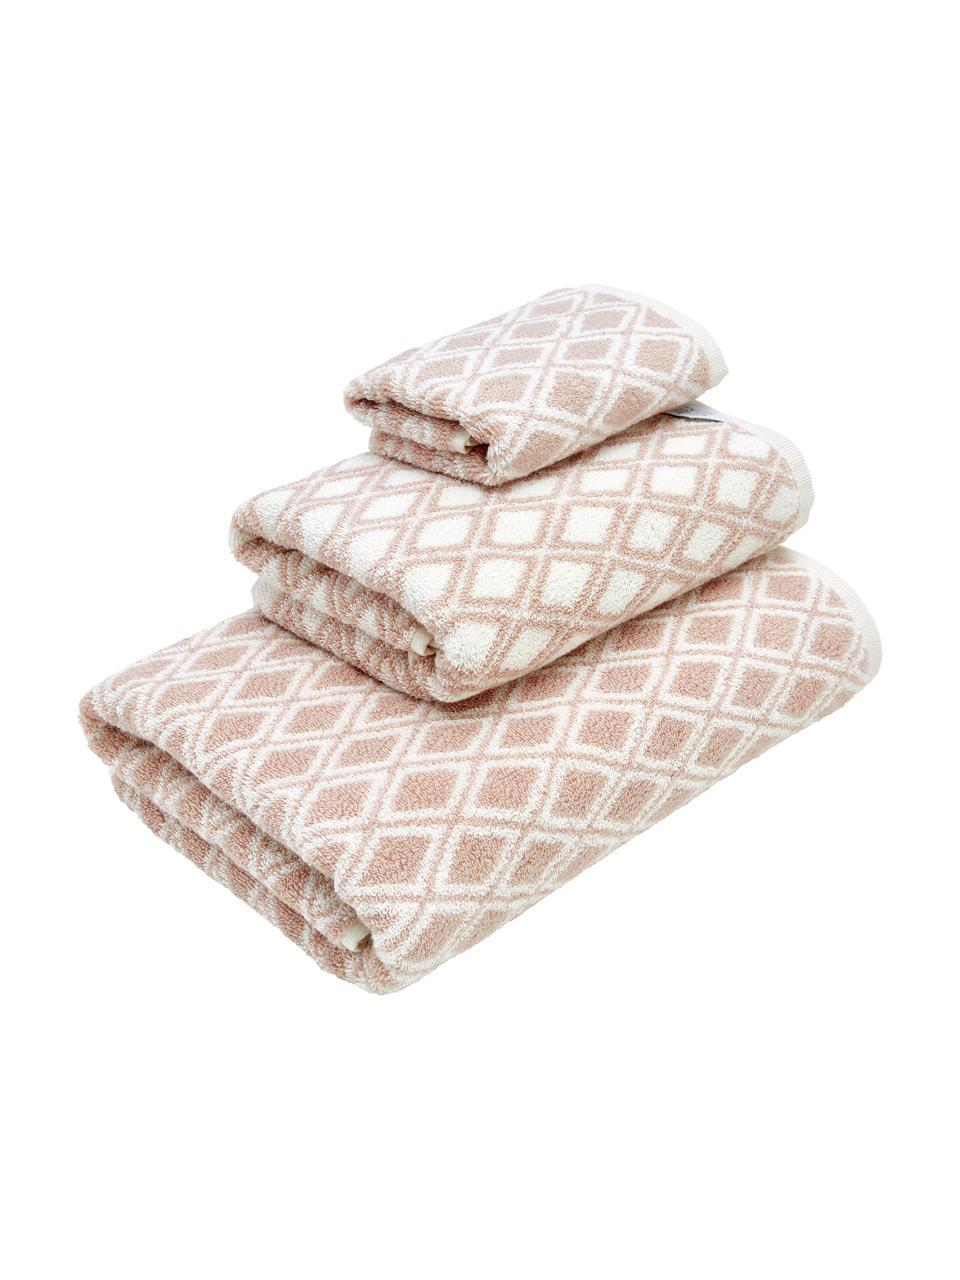 Lot de serviettes de bain réversibles Ava, 3 élém., Rose, blanc crème